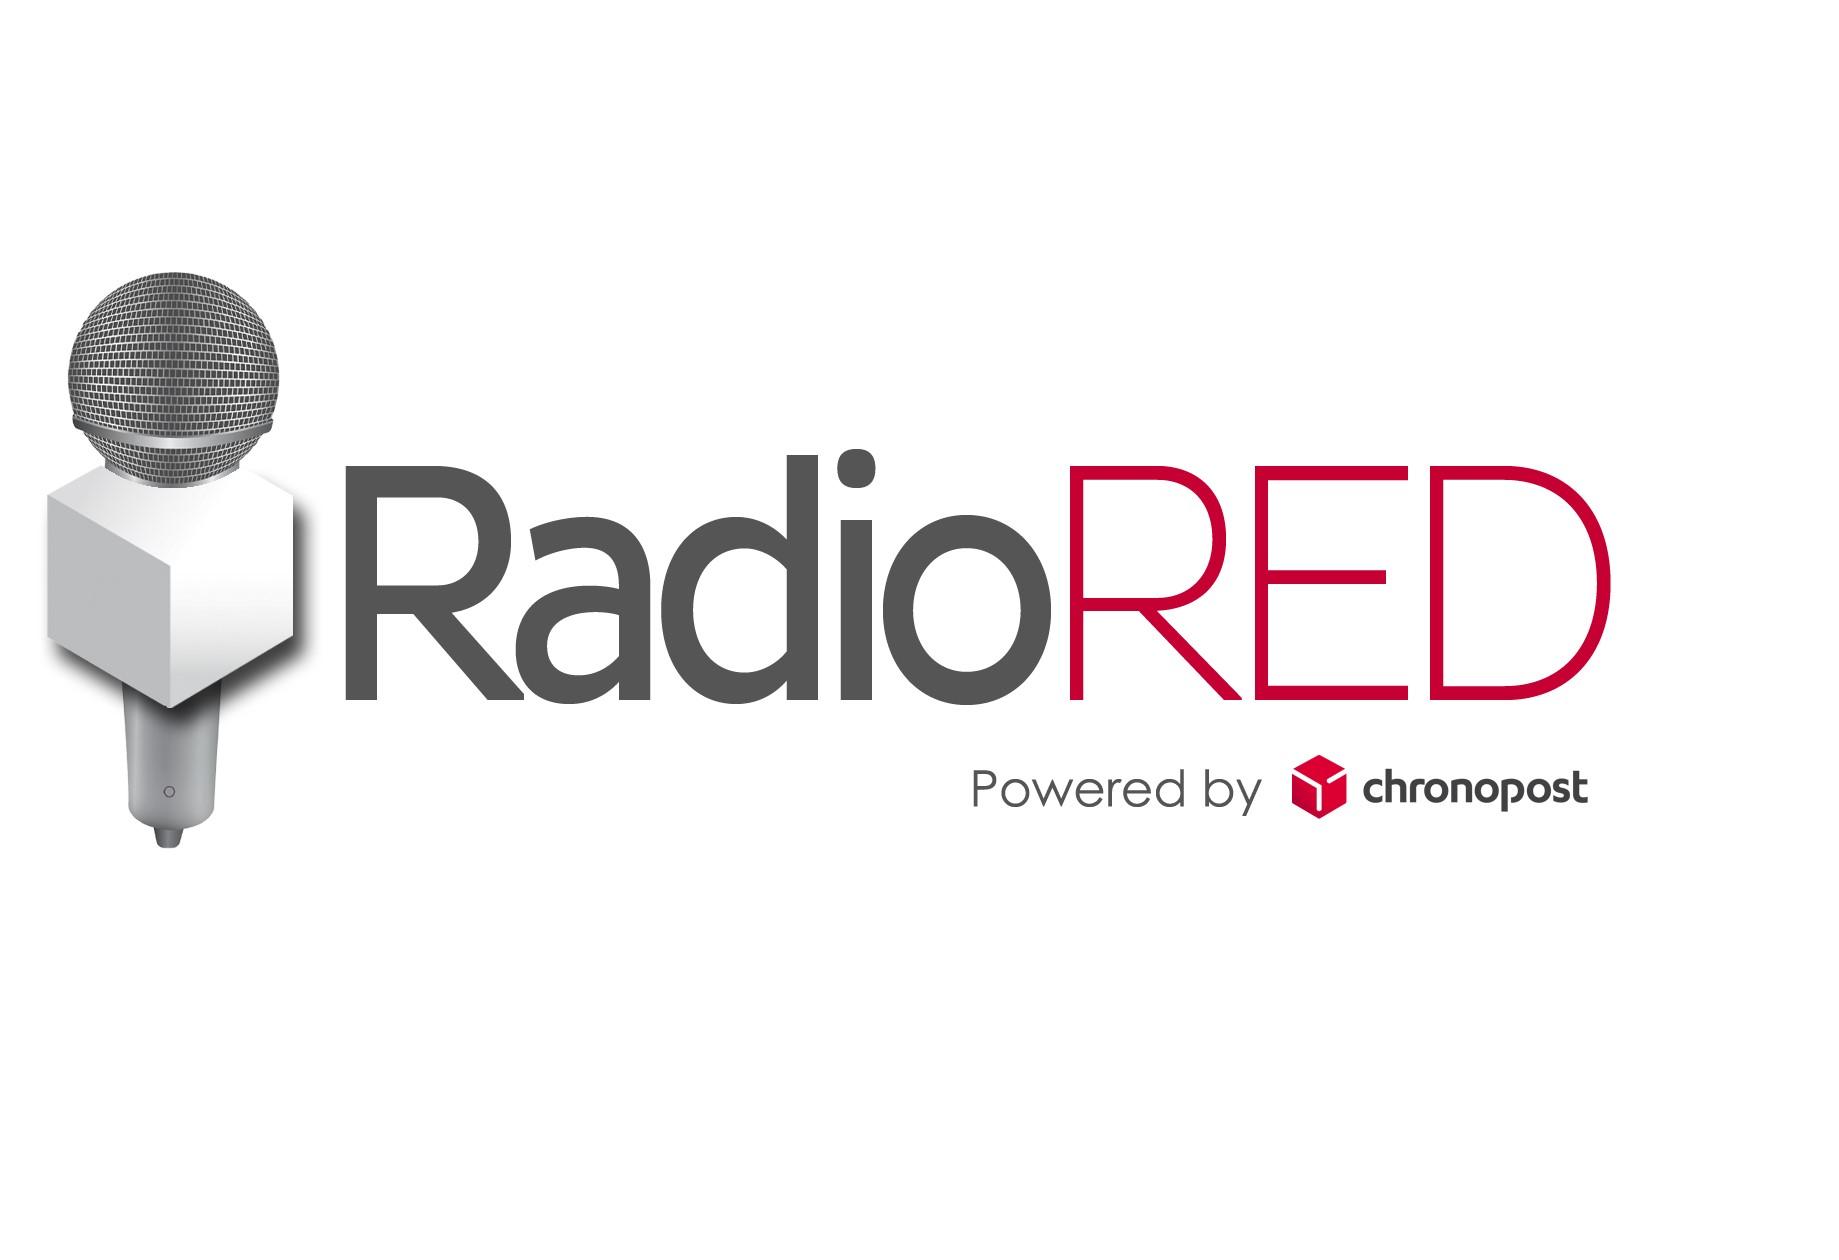 Radio_Red